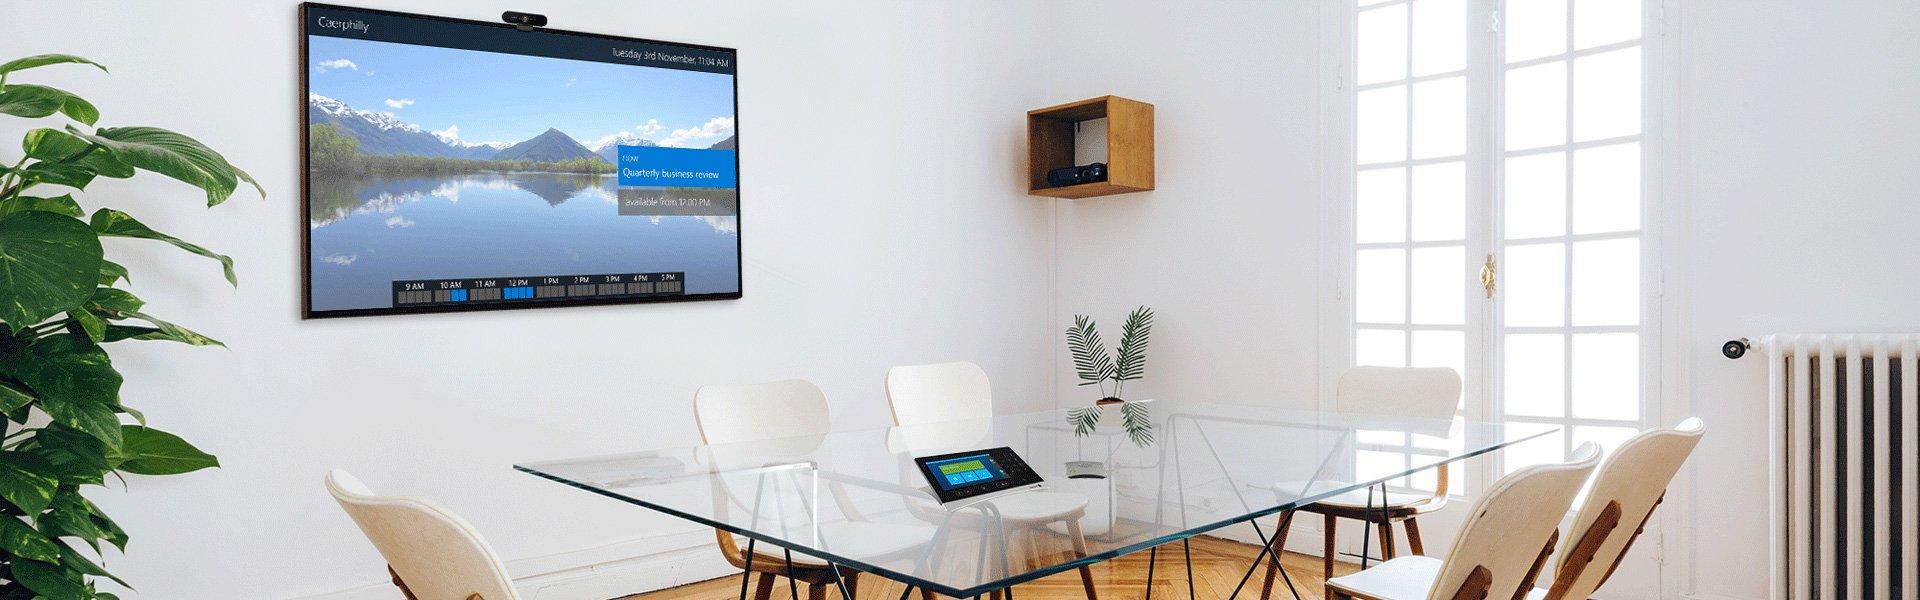 Modernes Sitzungszimmer mit Glastisch und weissen Stühlen und Display an der Wand